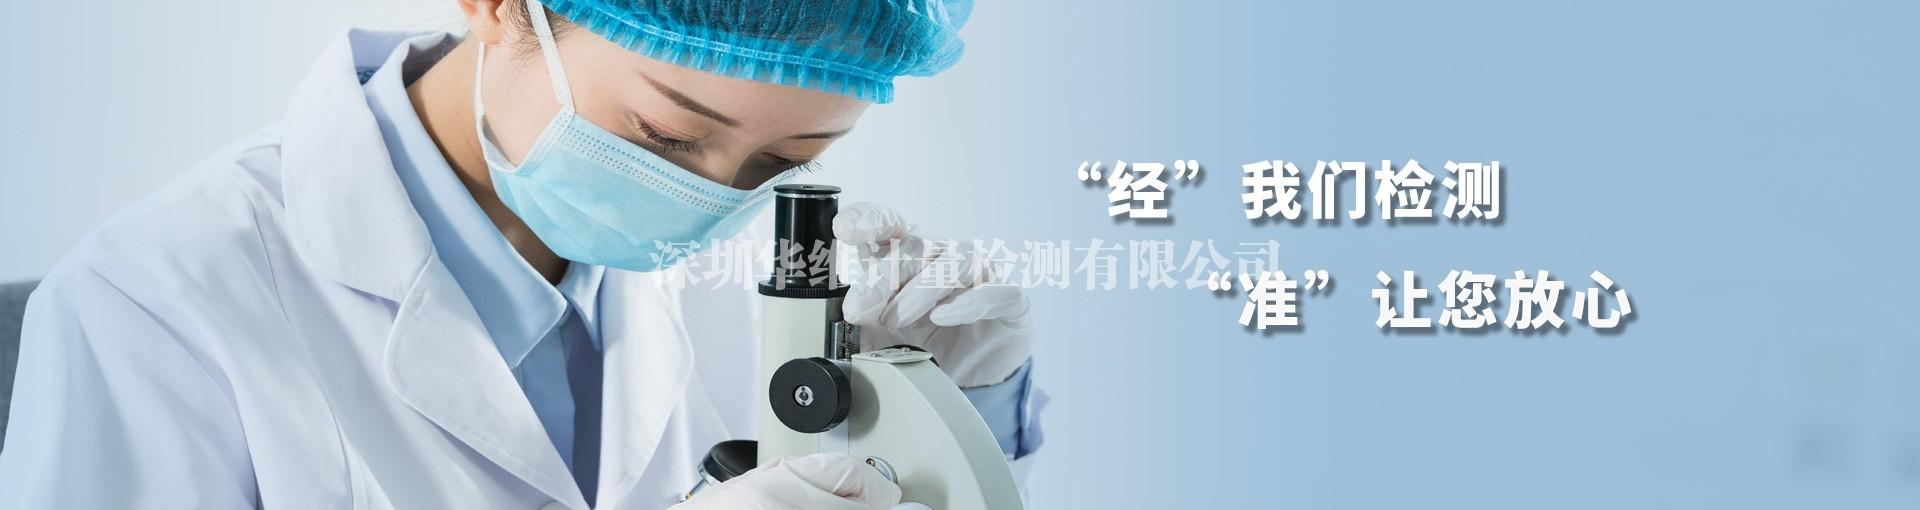 公明测量设备校准